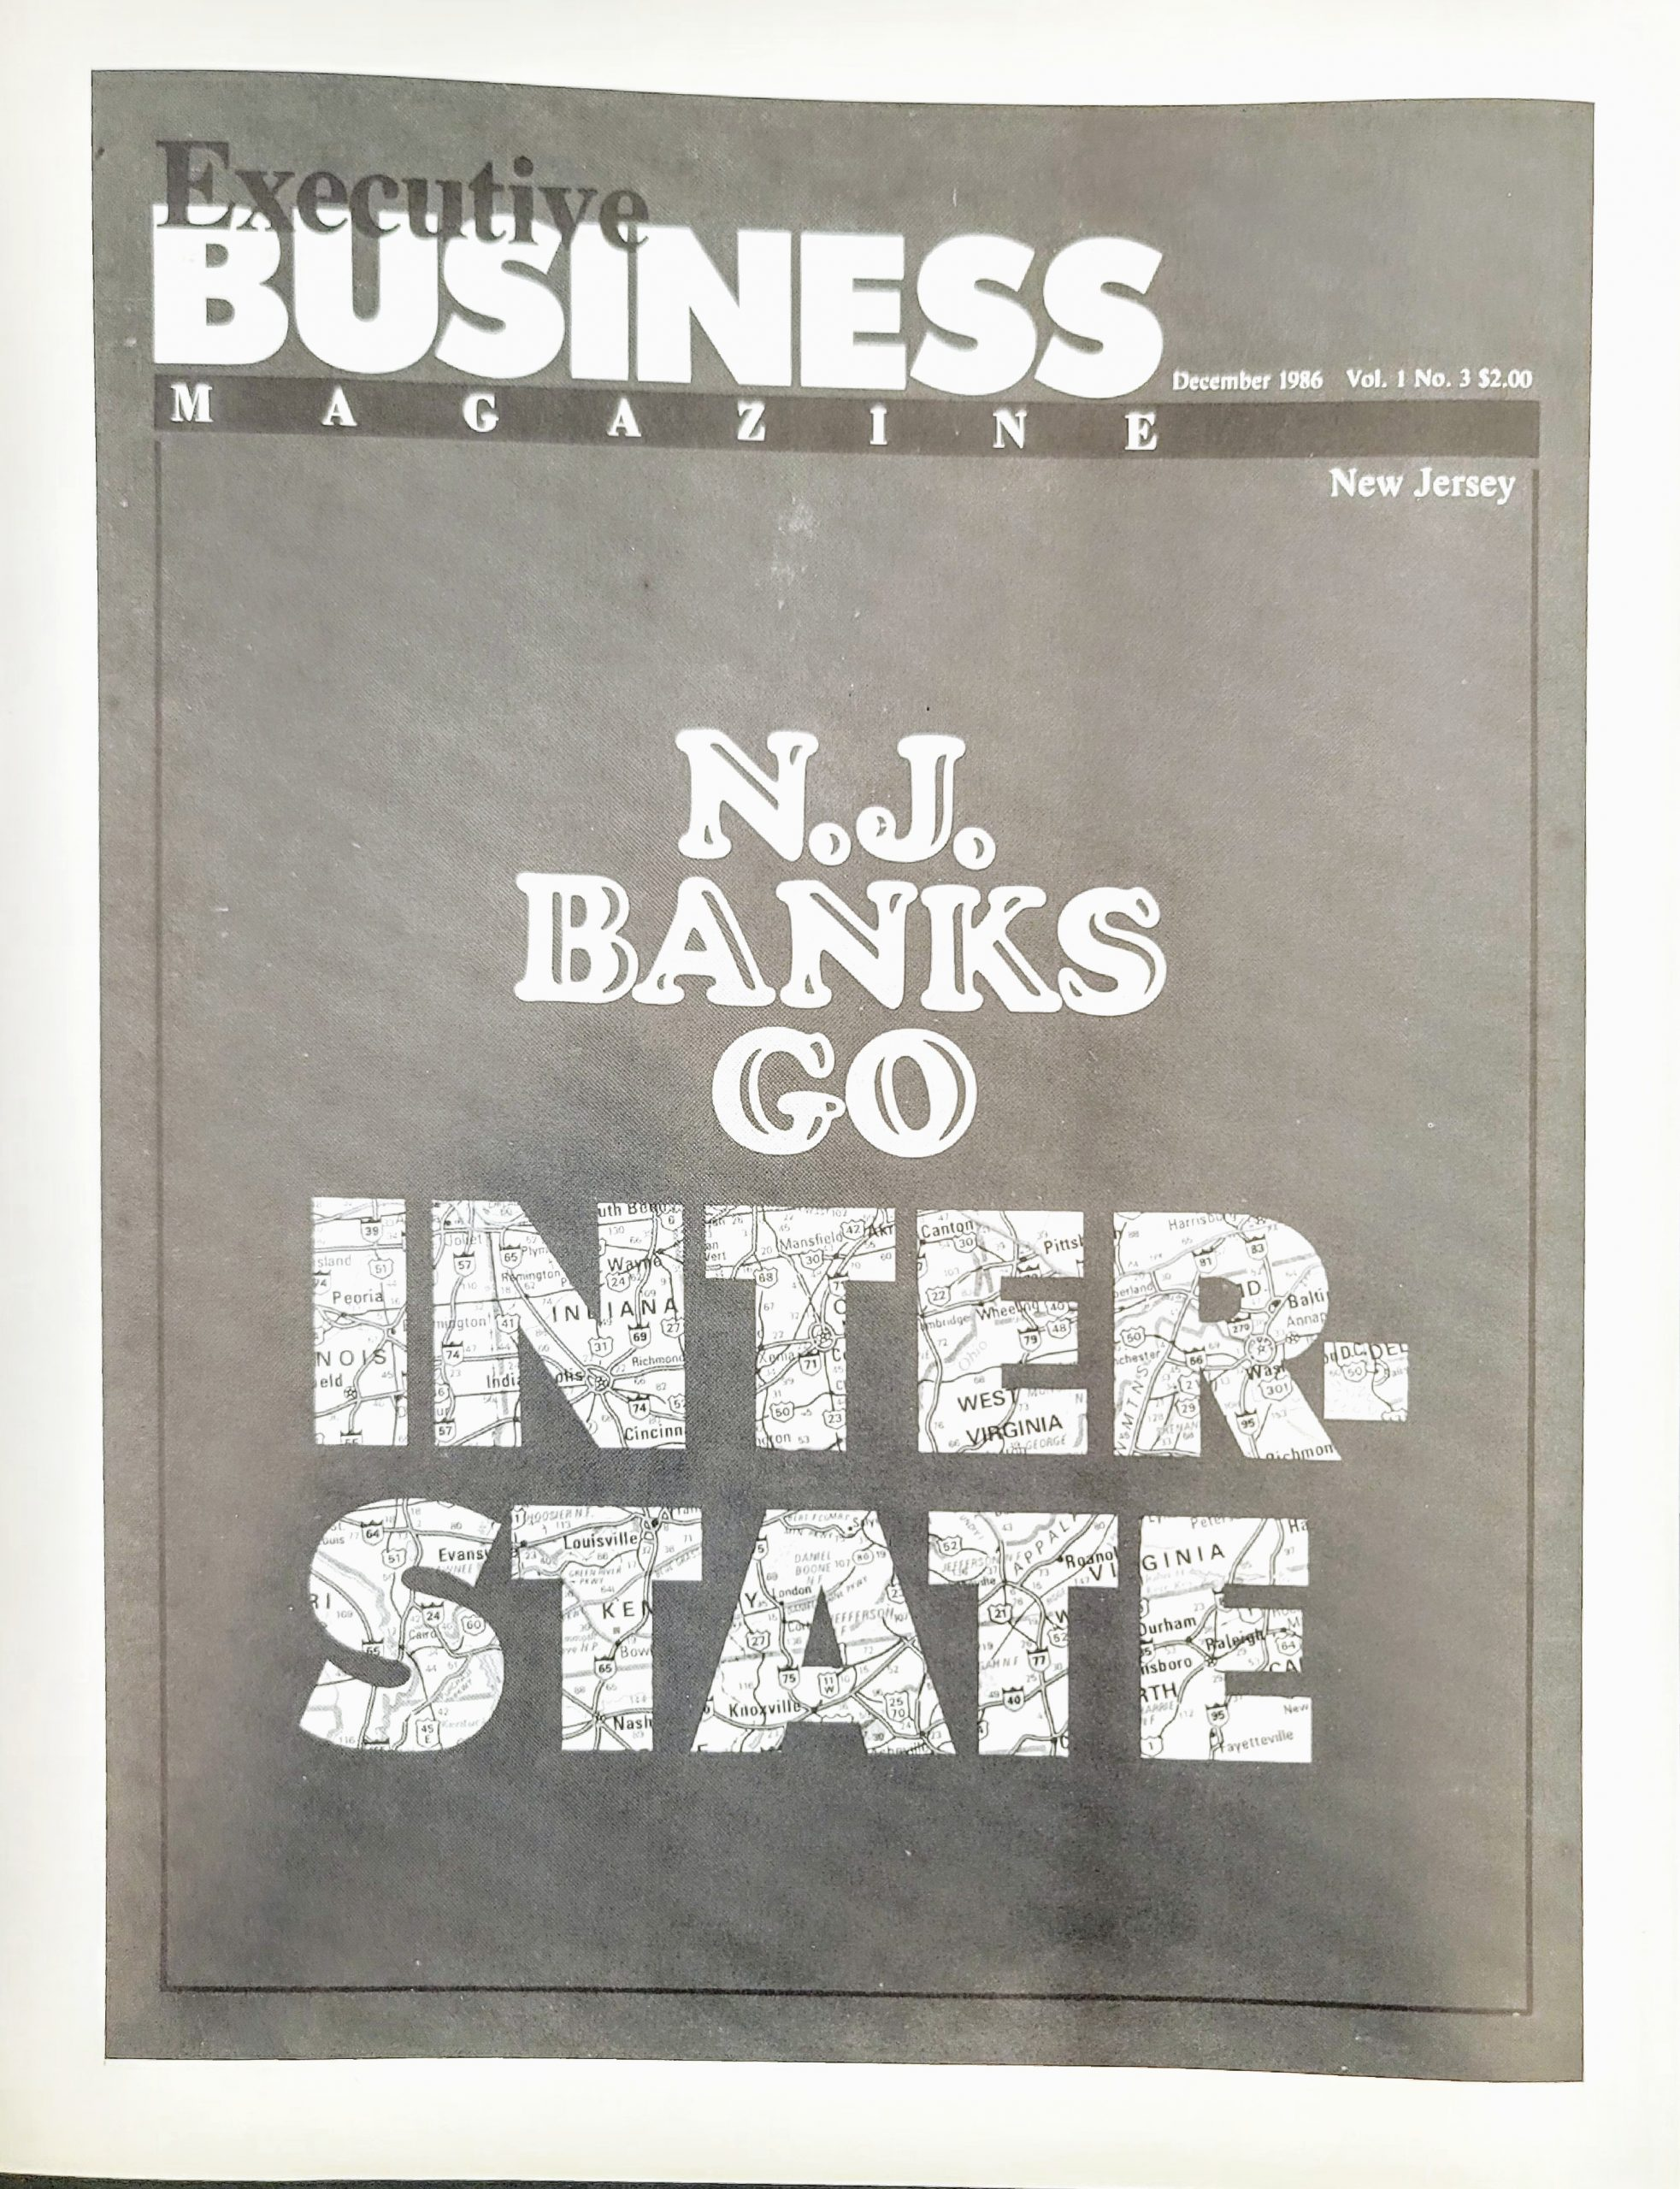 1986-12_vamc_executive business magazin_1